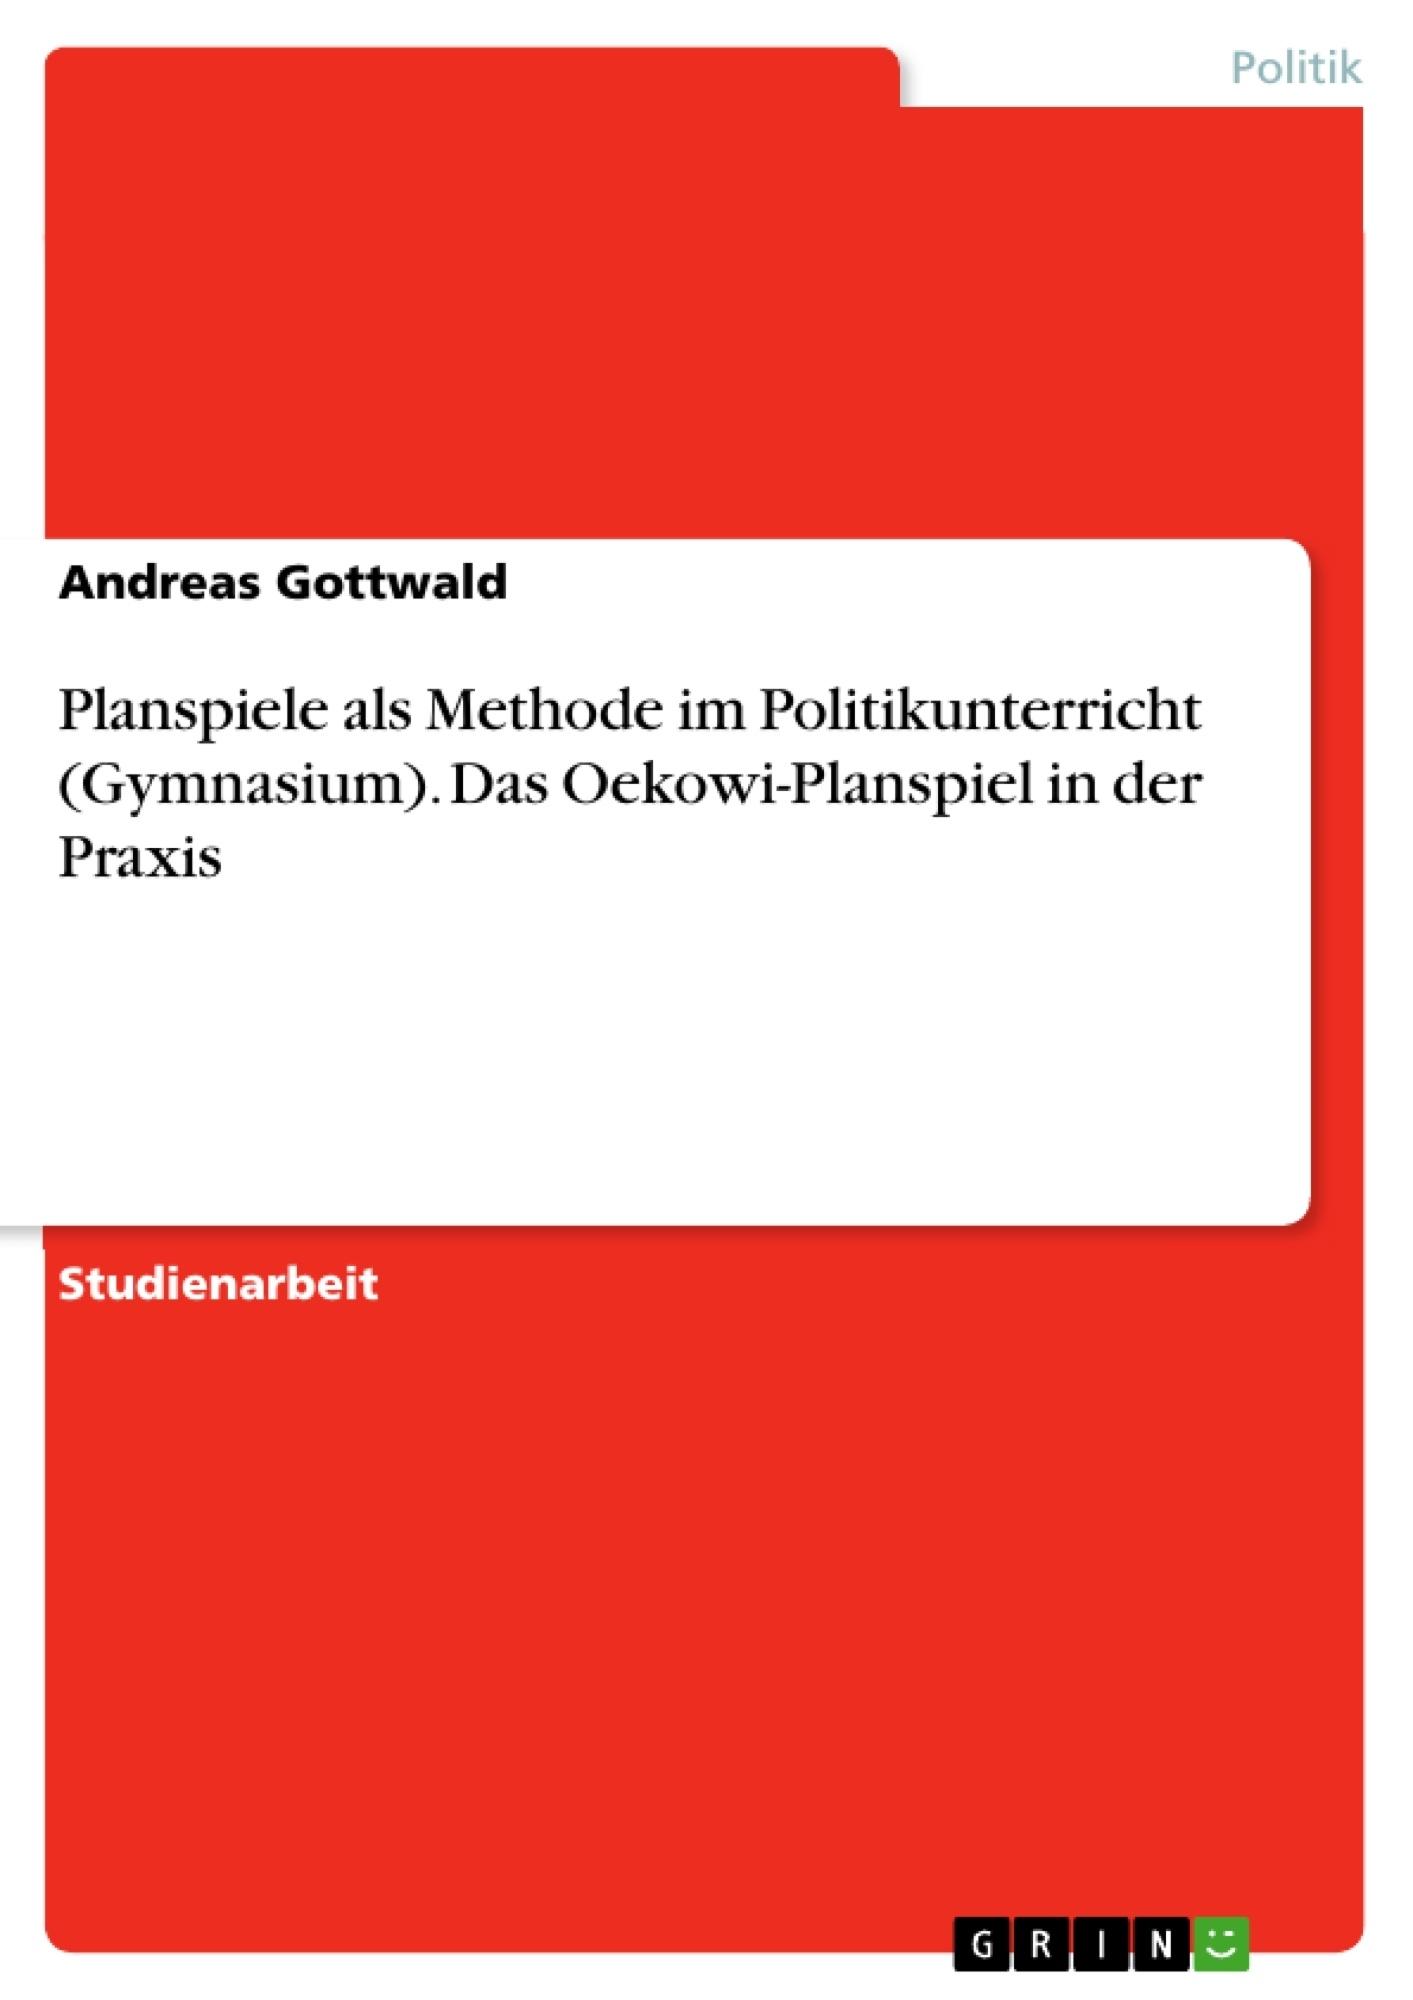 Titel: Planspiele als Methode im Politikunterricht (Gymnasium). Das Oekowi-Planspiel in der Praxis